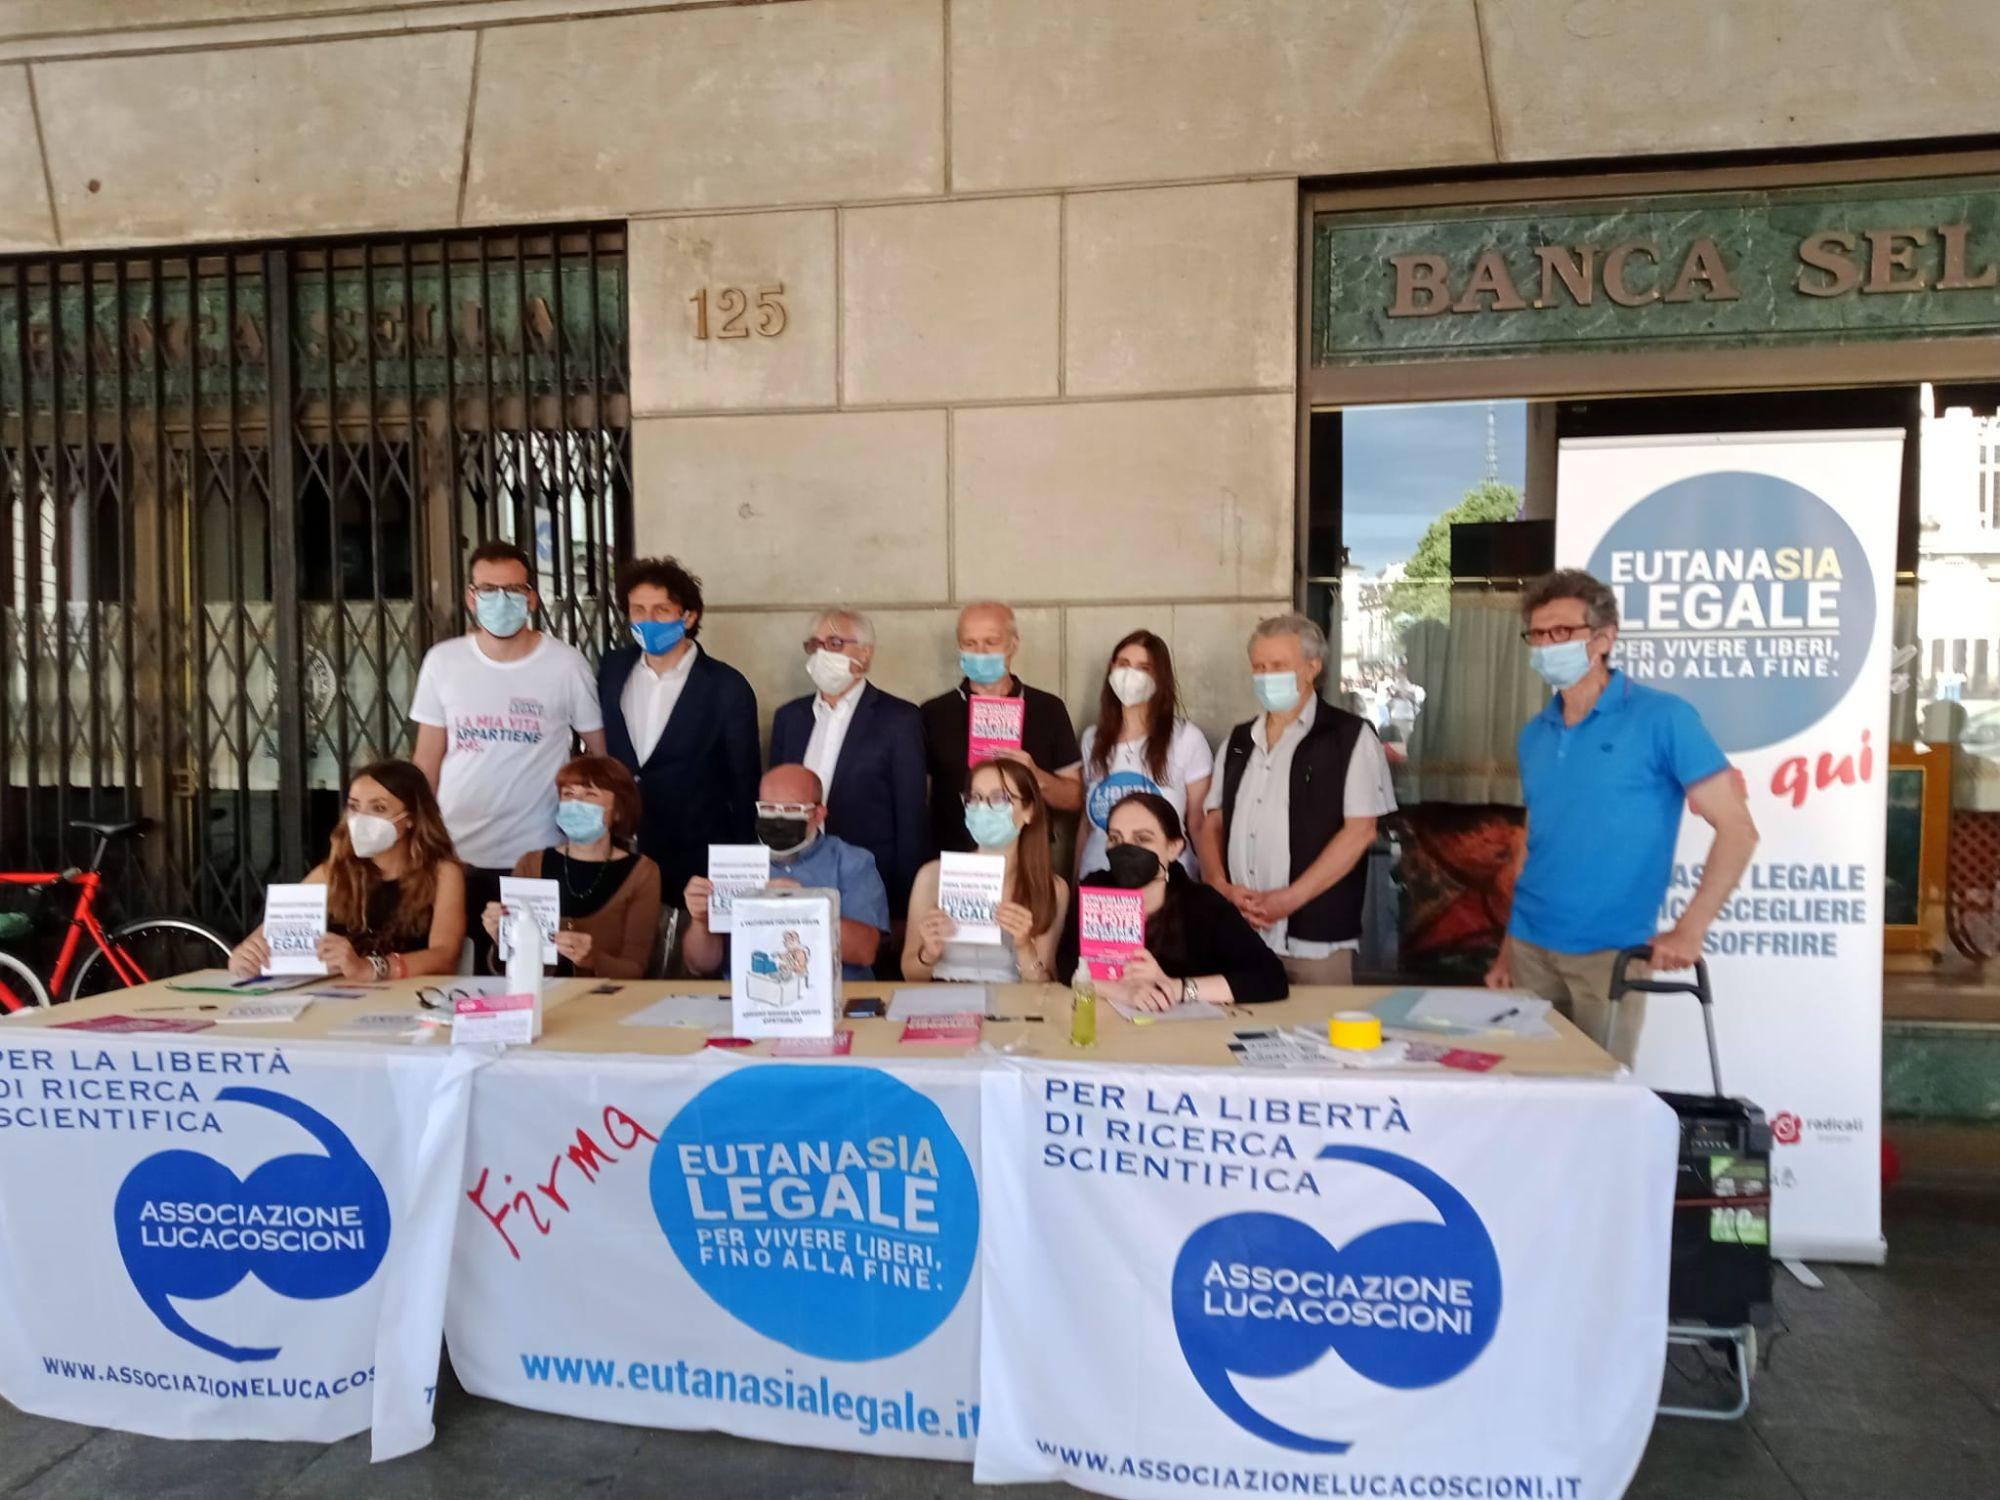 Al via la raccolta firme per il referendum eutanasia: sabato 19 conferenza stampa e banchetto